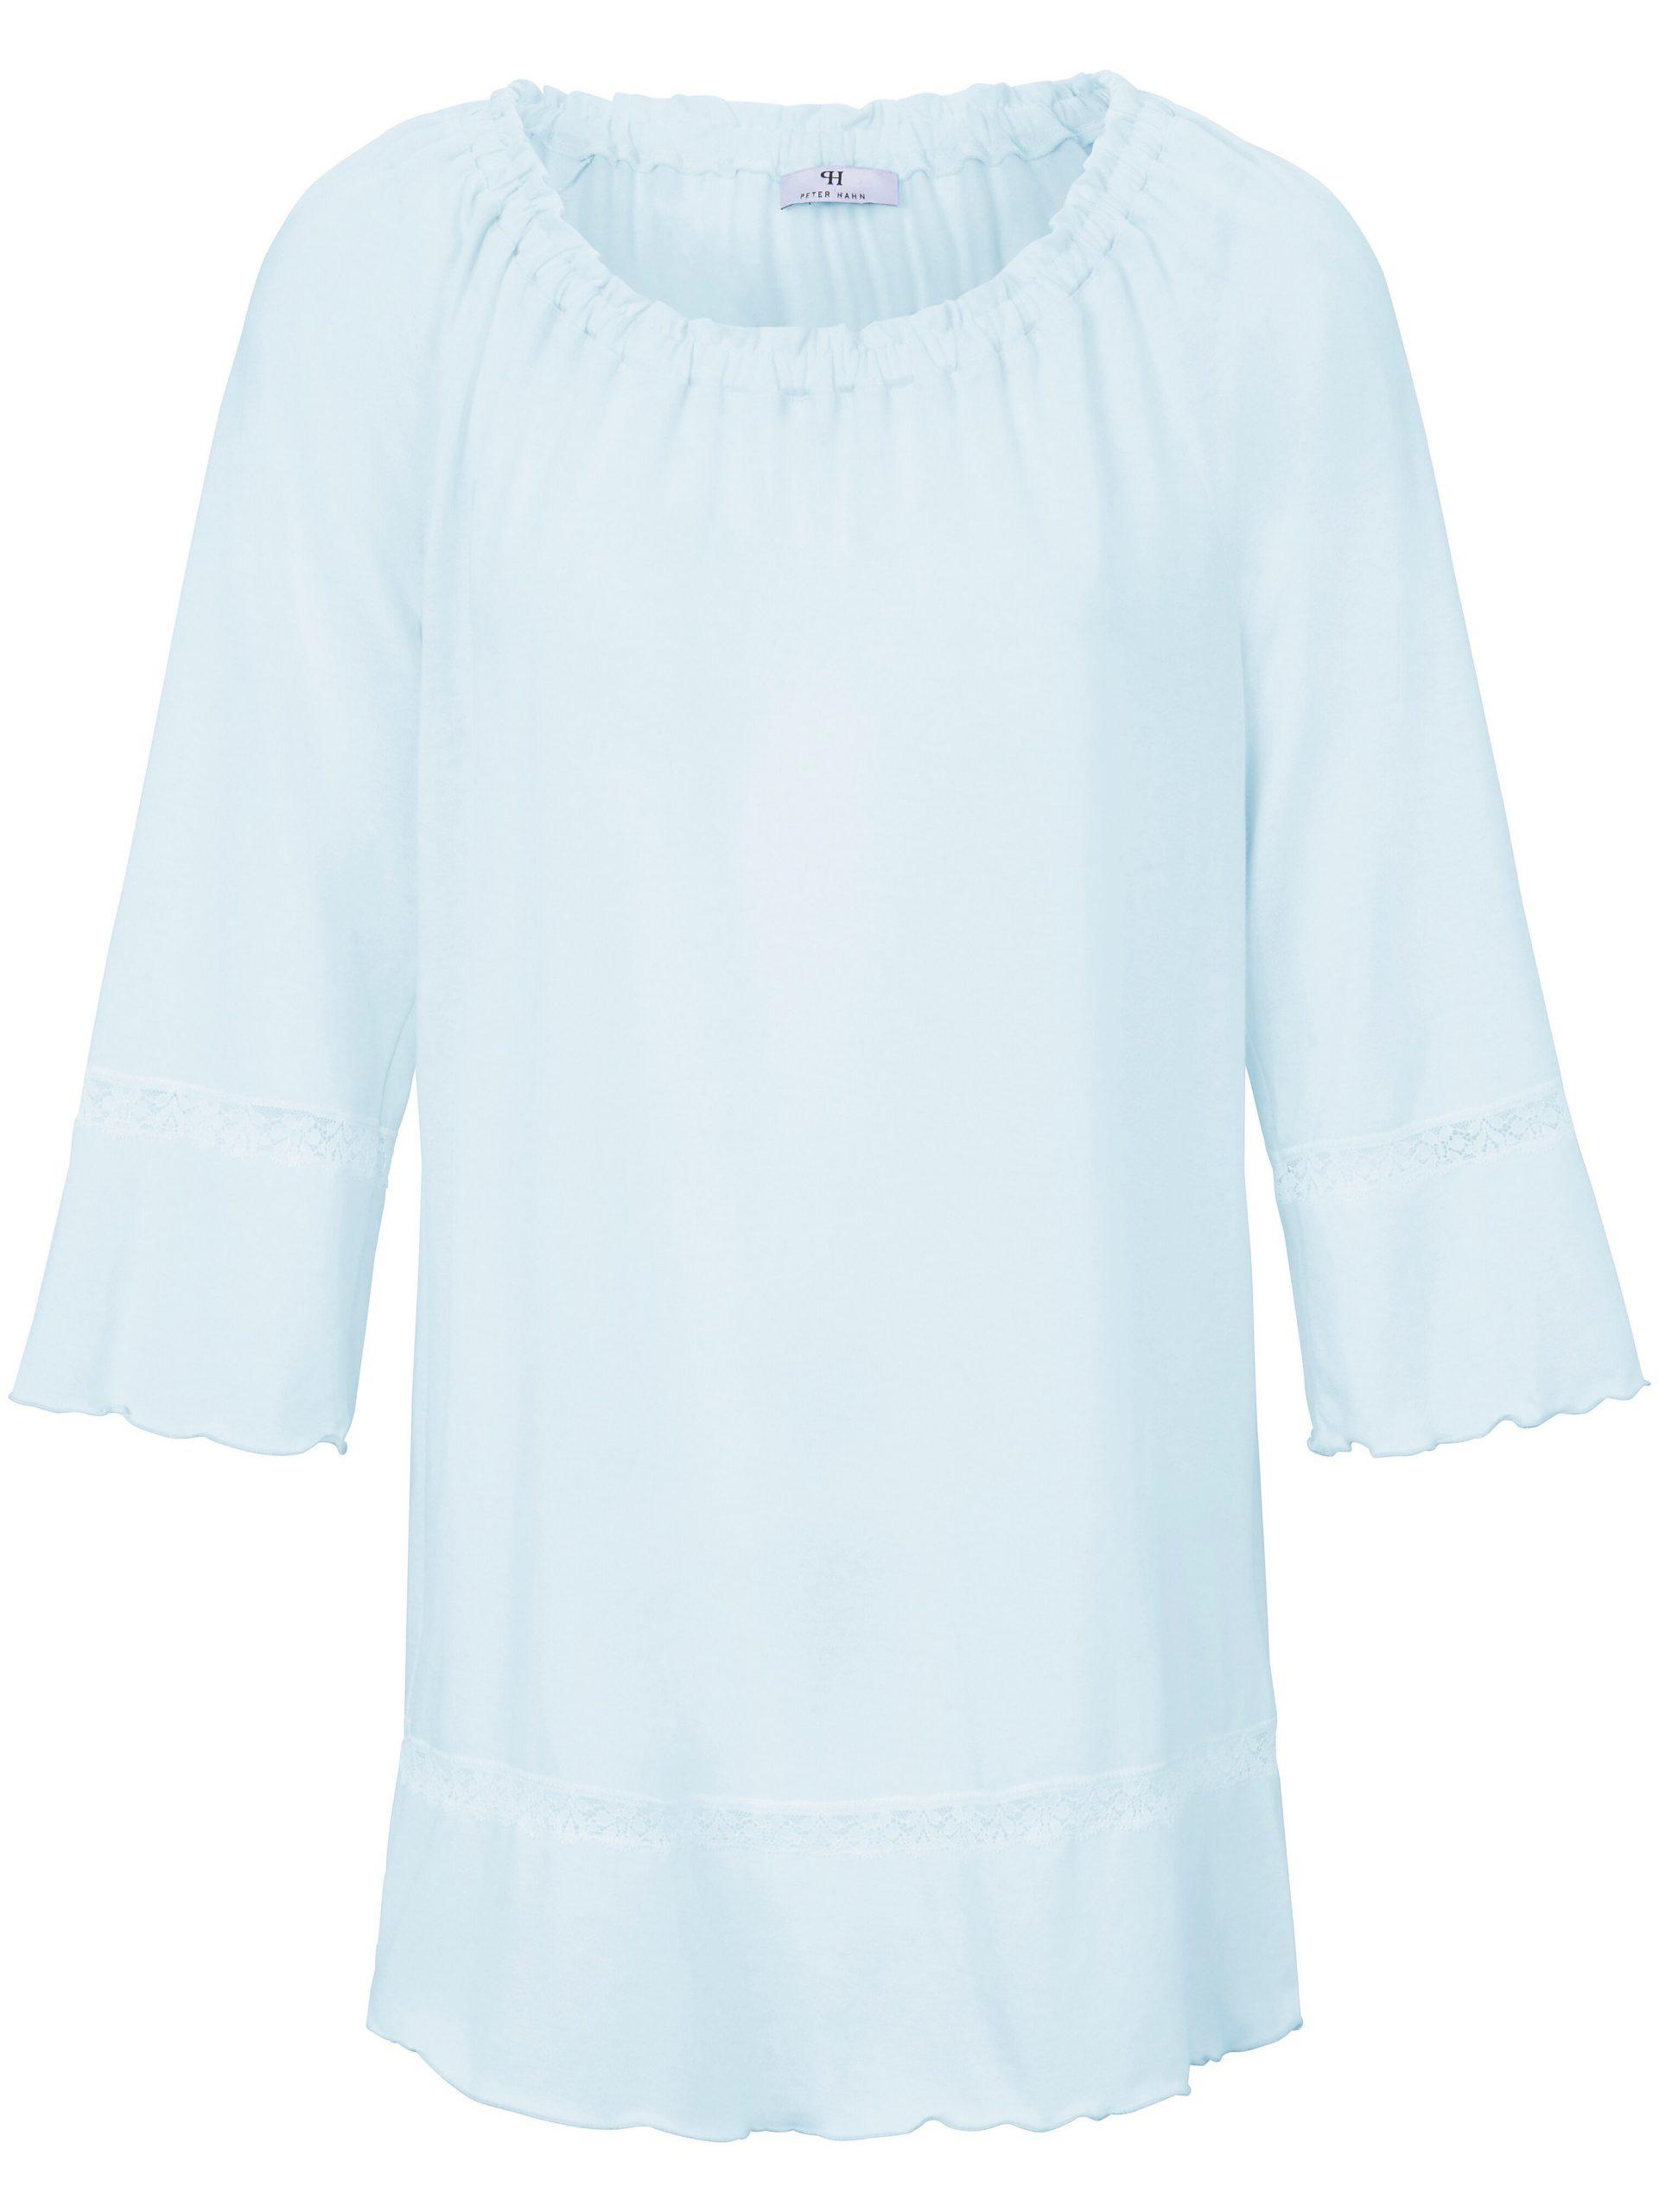 Pyjama met 3/4-raglanmouwen Van Peter Hahn blauw Kopen